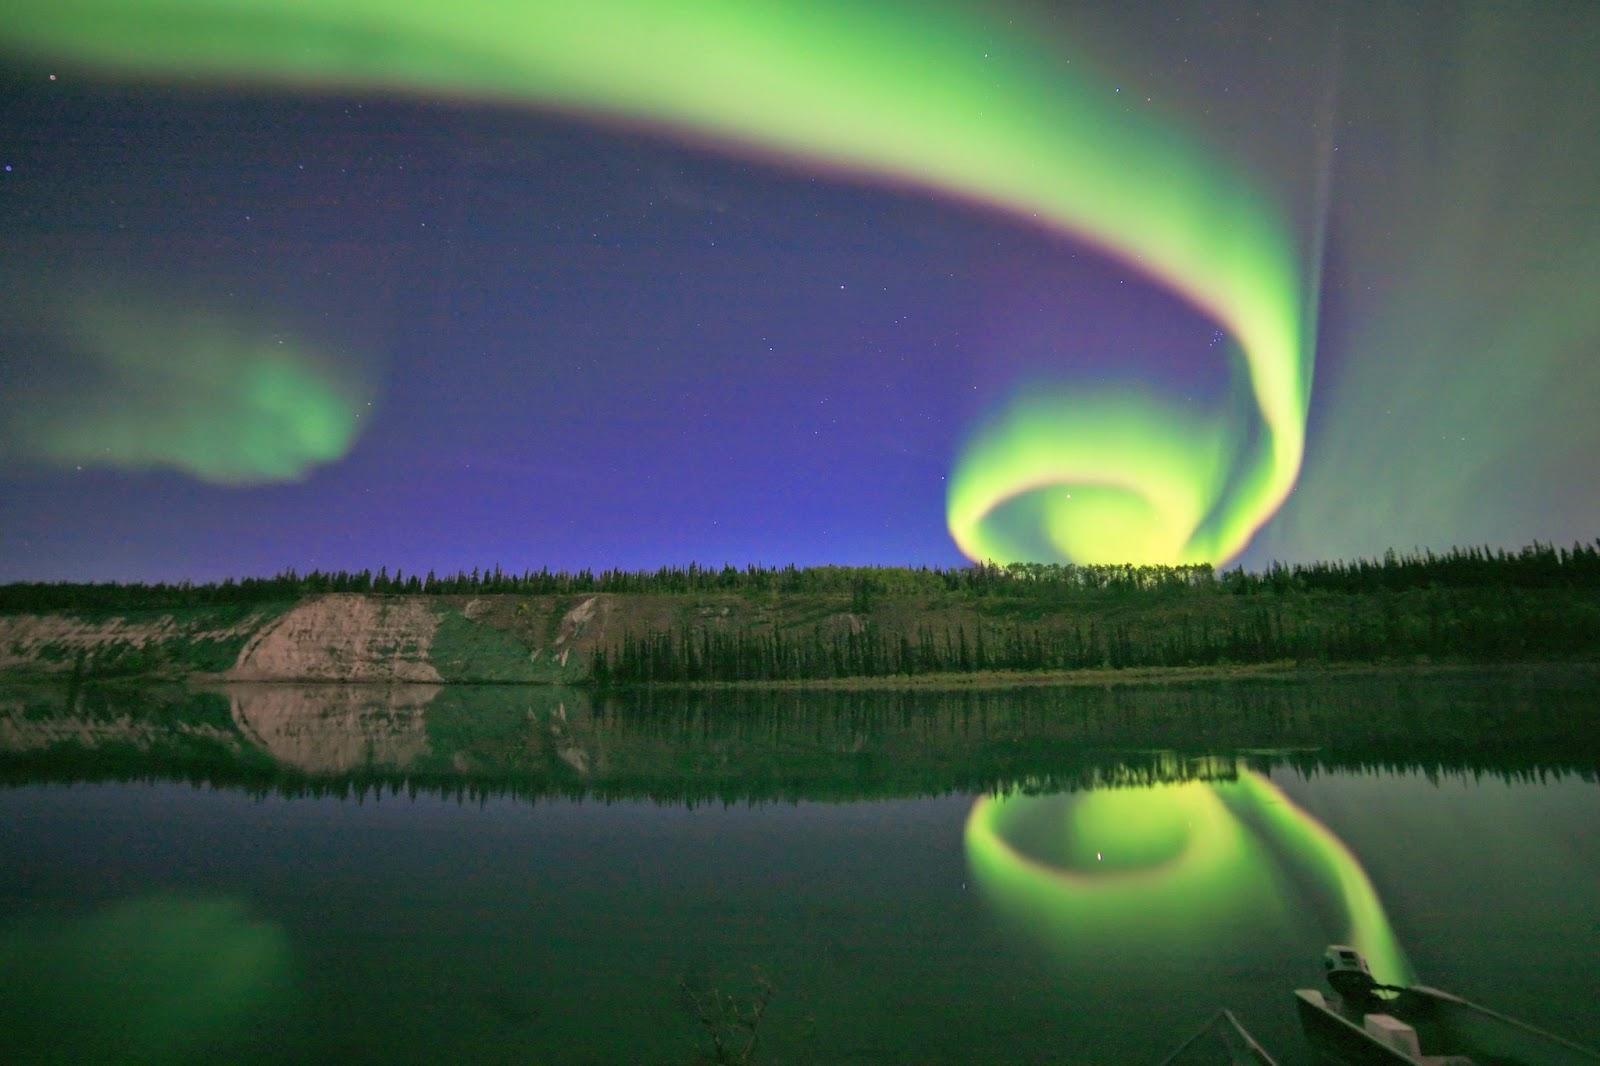 Bienvenidos al nuevo foro de apoyo a Noe #271 / 30.06.15 ~ 03.07.15 - Página 38 Aurora+Boreal+o+Luces+del+Norte+captada+en+Noruega+...